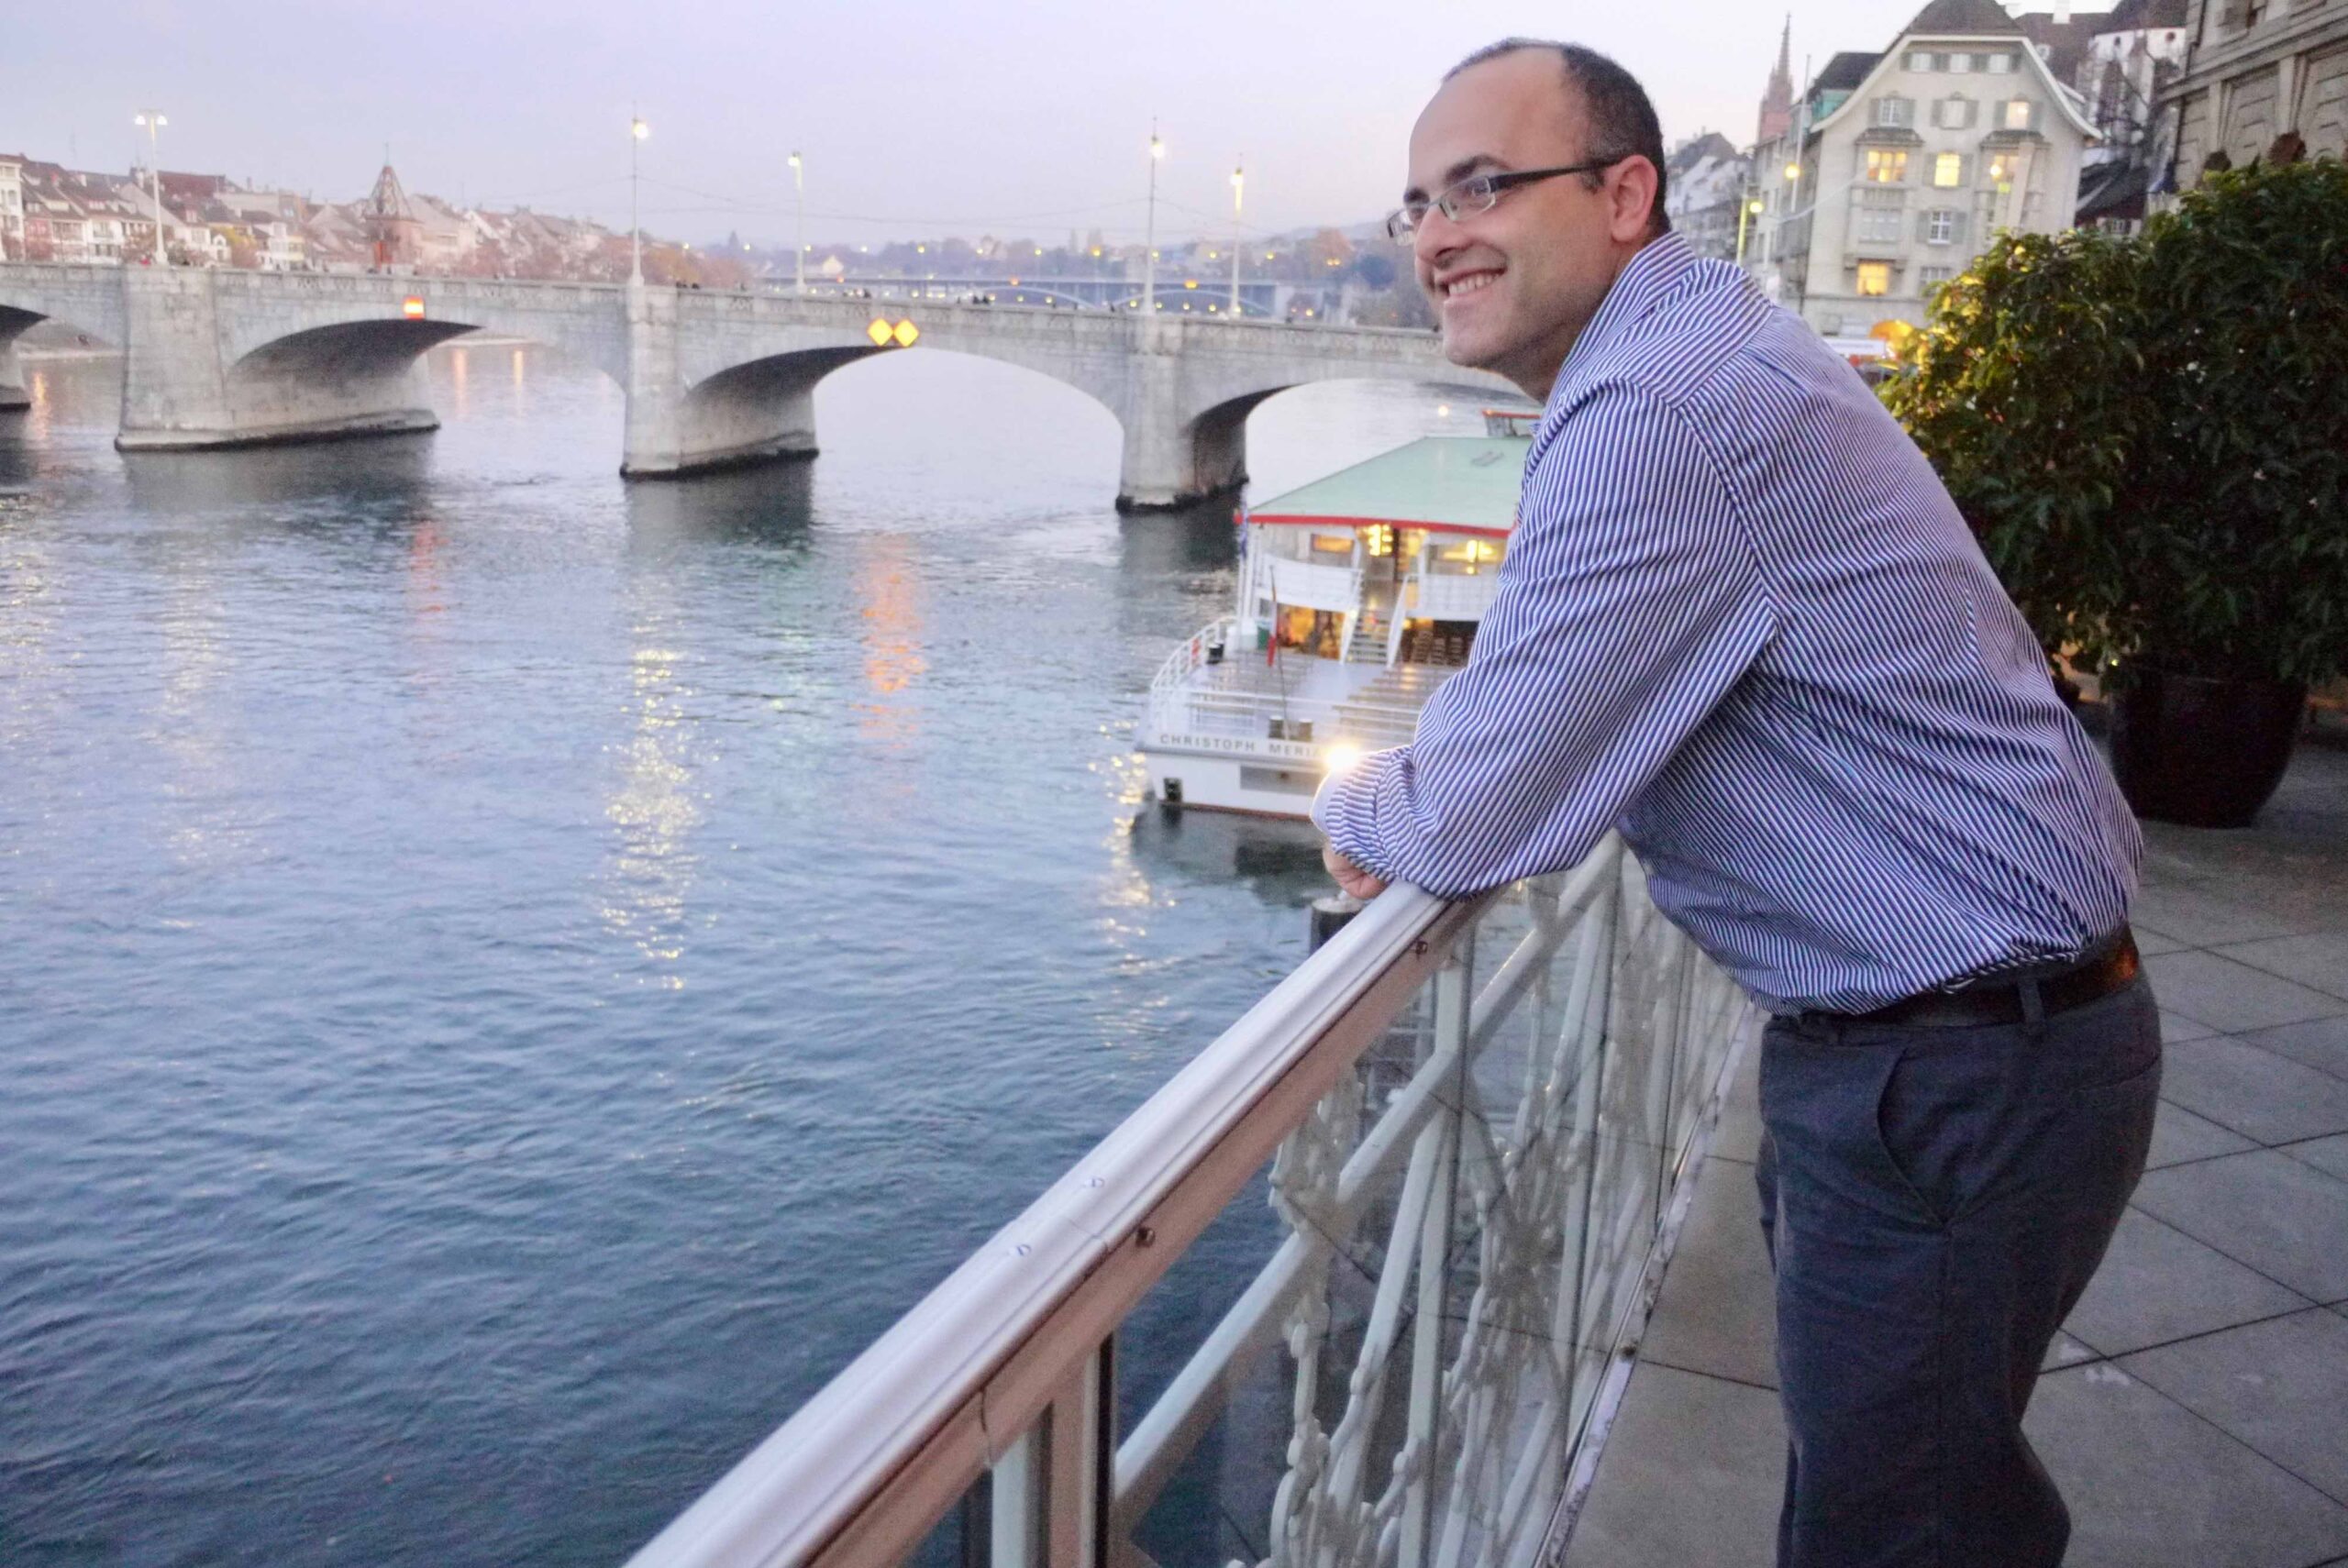 Schriftsteller Alon Hilu aus Tel Aviv auf dem Balkon des Hotels Trois Rois in Basel mit Sicht auf den Rhein